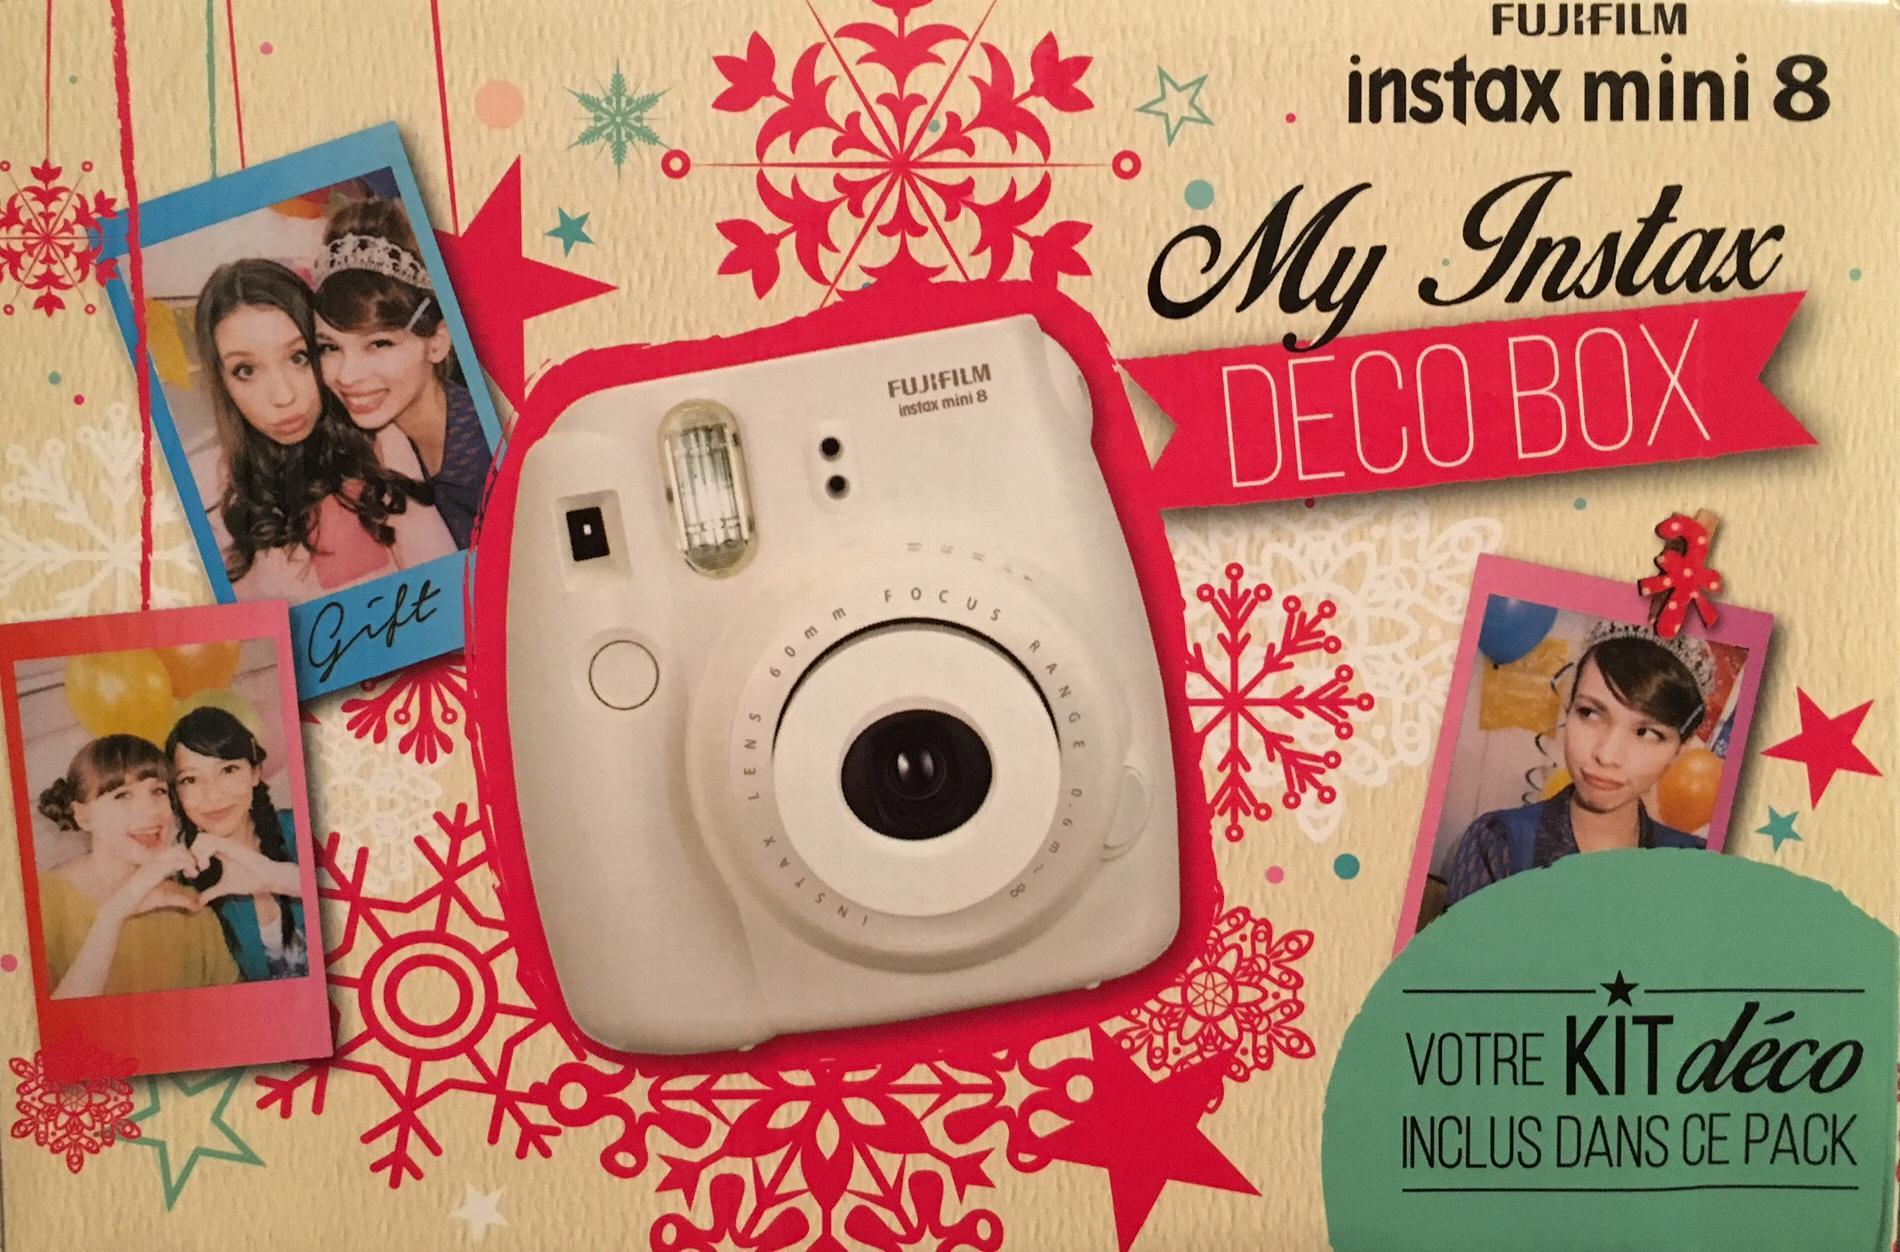 Appareil photo Fujifilm Instax Mini 8 Pack Deco Box (inclus 1 film + accessoires)